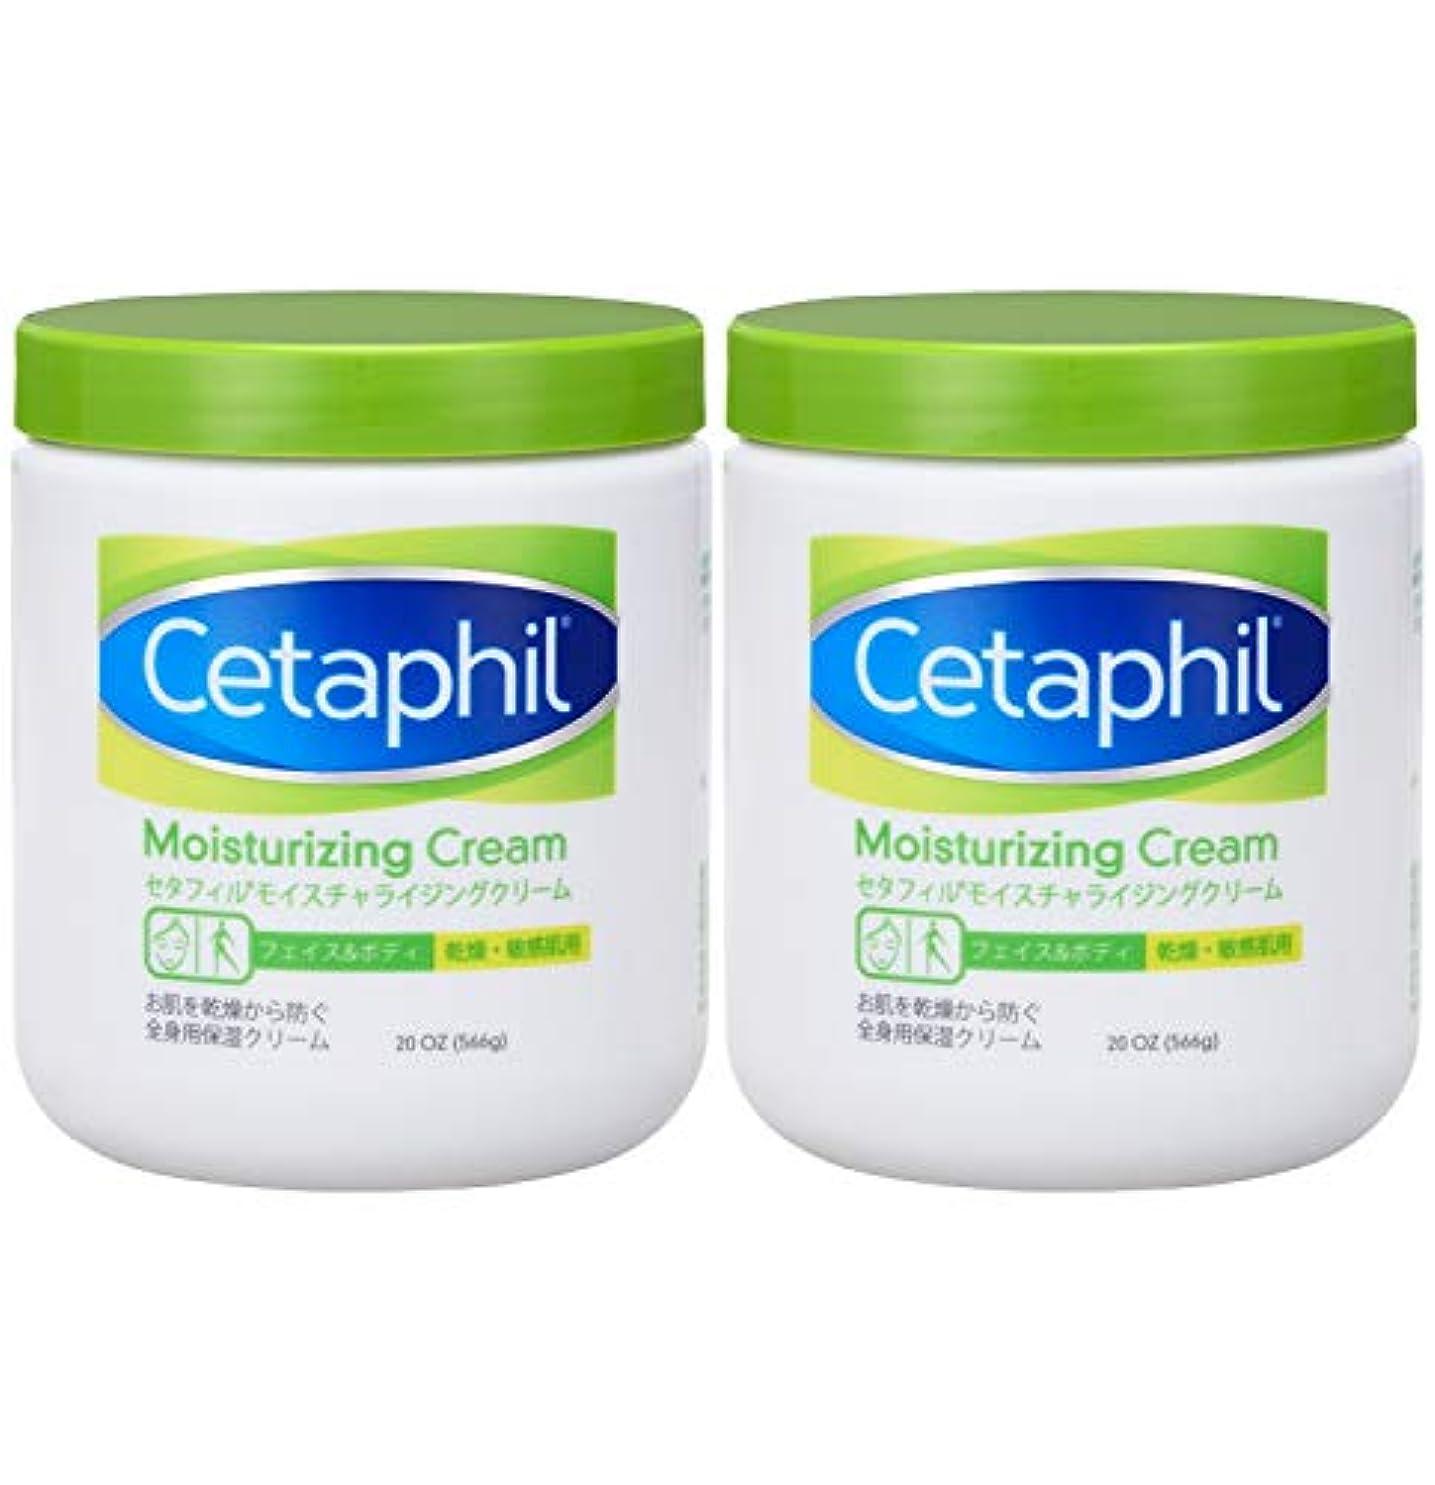 法的擬人化オーバーヘッドセタフィル Cetaphil ® モイスチャライジングクリーム 566ml 2本組 ( フェイス & ボディ 保湿クリーム クリーム )